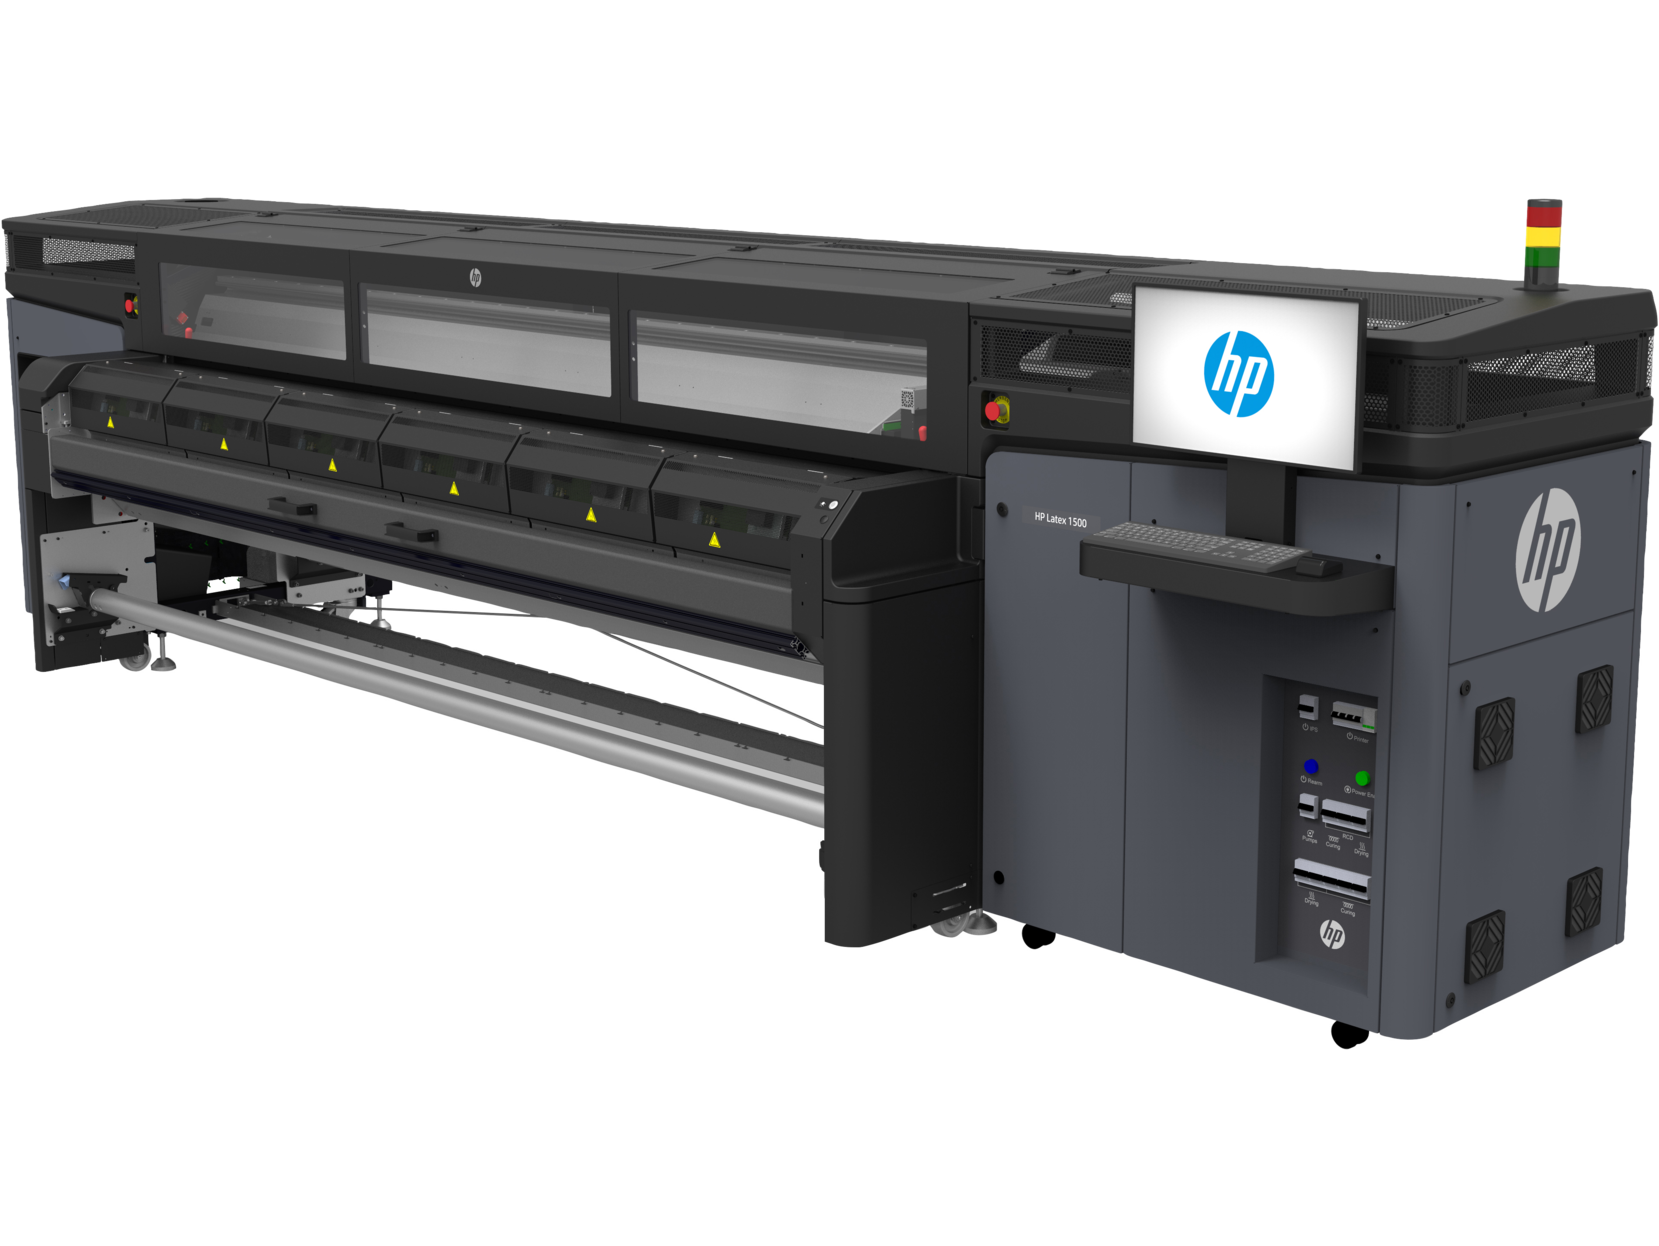 Широкоформатный промышленный латексный принтер HP Latex 1500 - фото 2